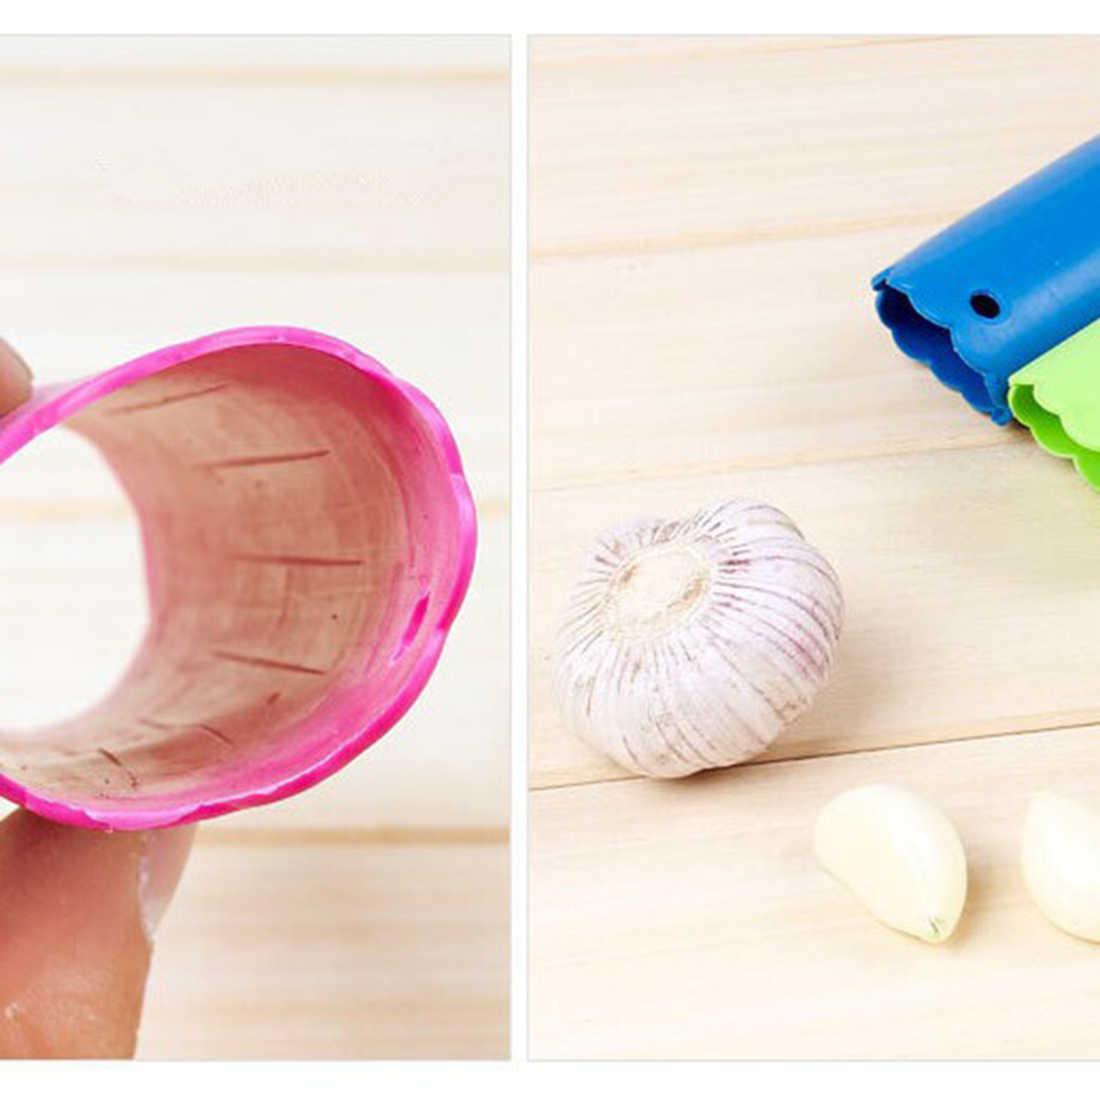 2018 Nova Silicone Alho Peeler Cozinha Utilitário Dispositivo Peeling de Alho Descascador de Tubo